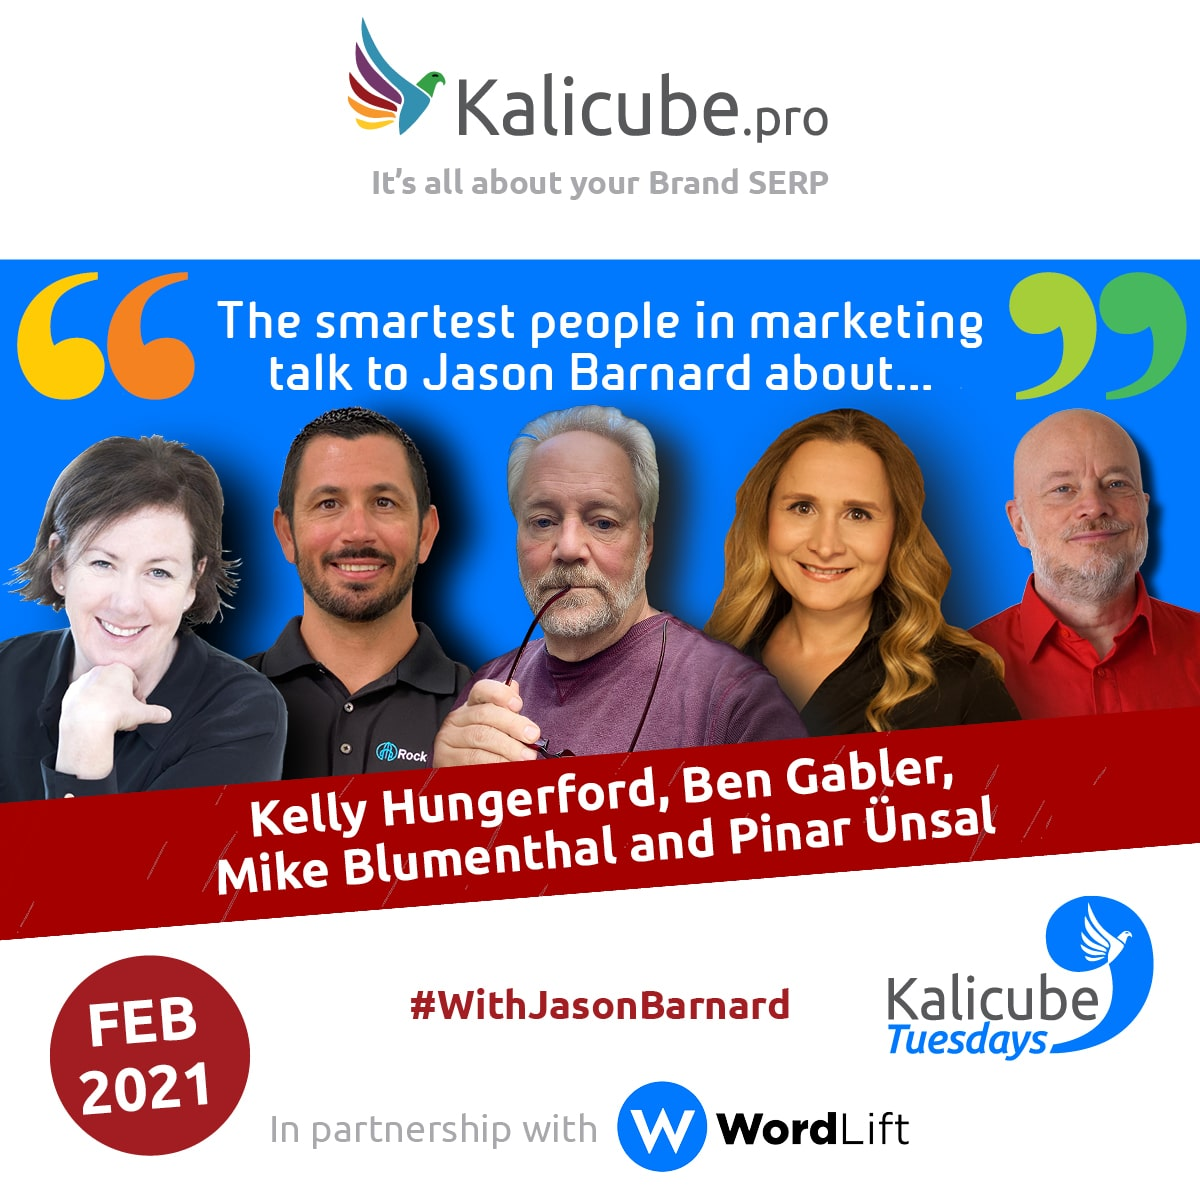 Kalicube Tuesdays February 2021